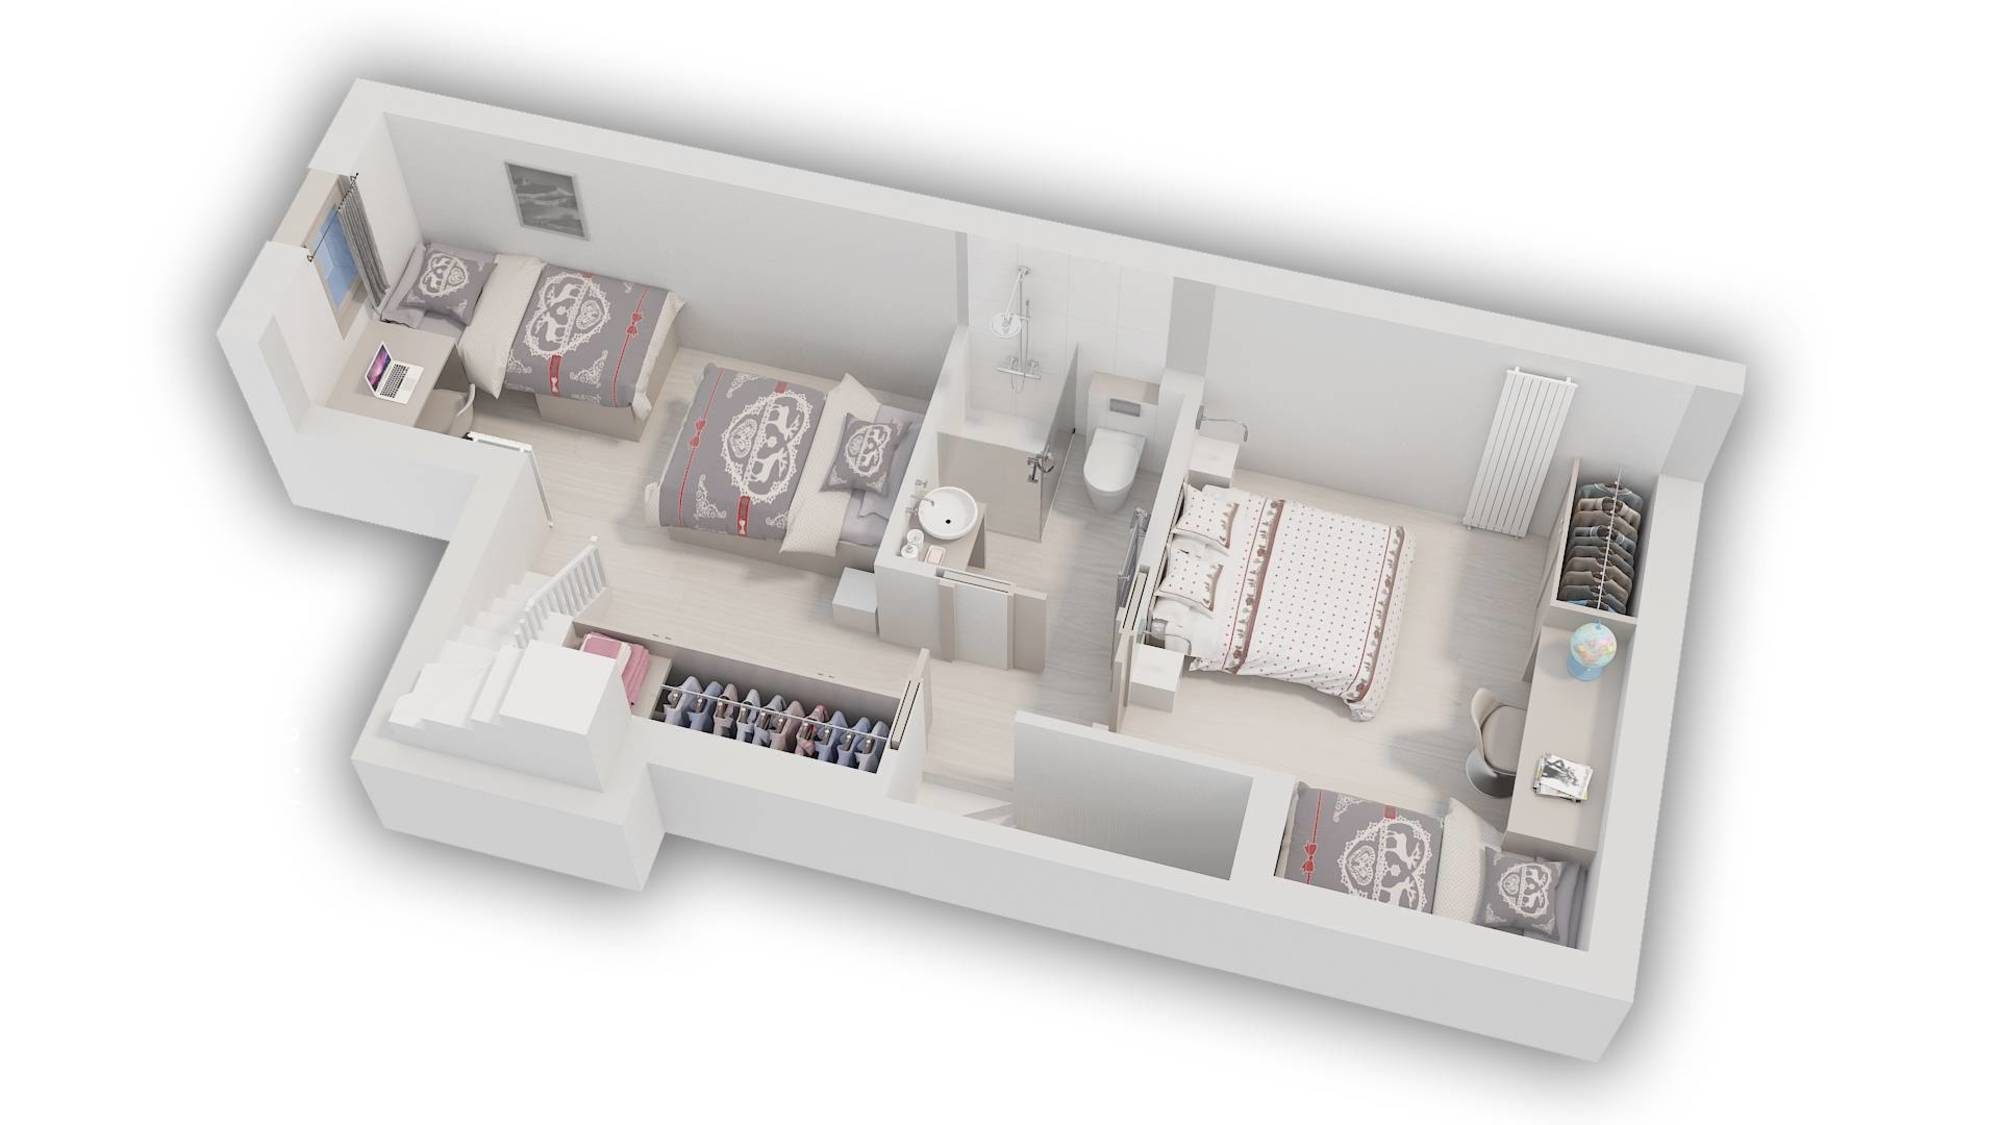 Apartment Pierre et Vacances 209 Val d'Isere Floor Plan 2